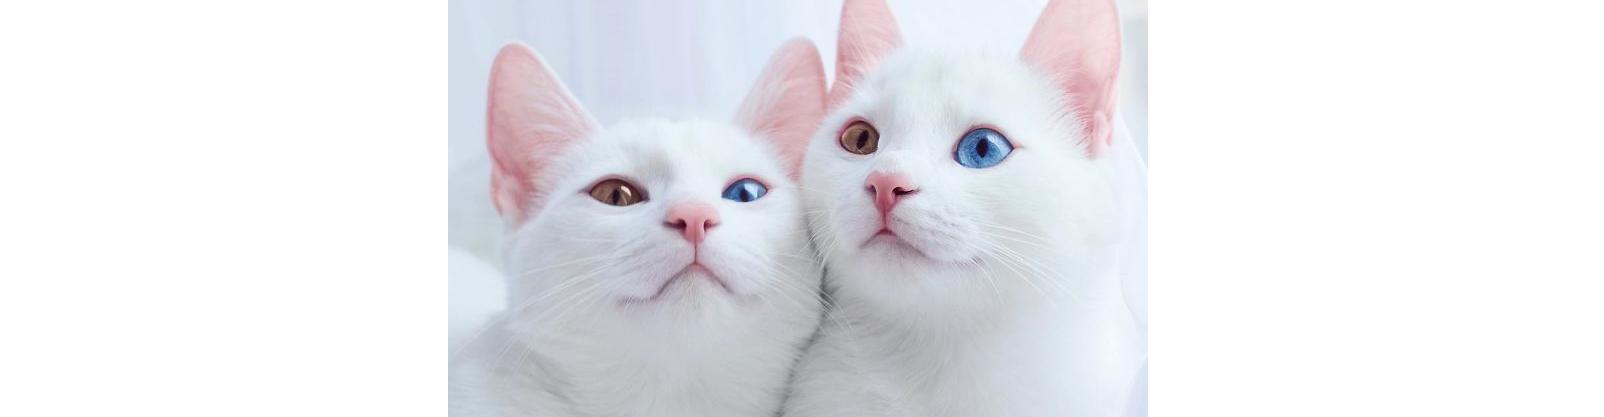 【目の色まで一緒】オッドアイの双子の白猫ちゃん。神々